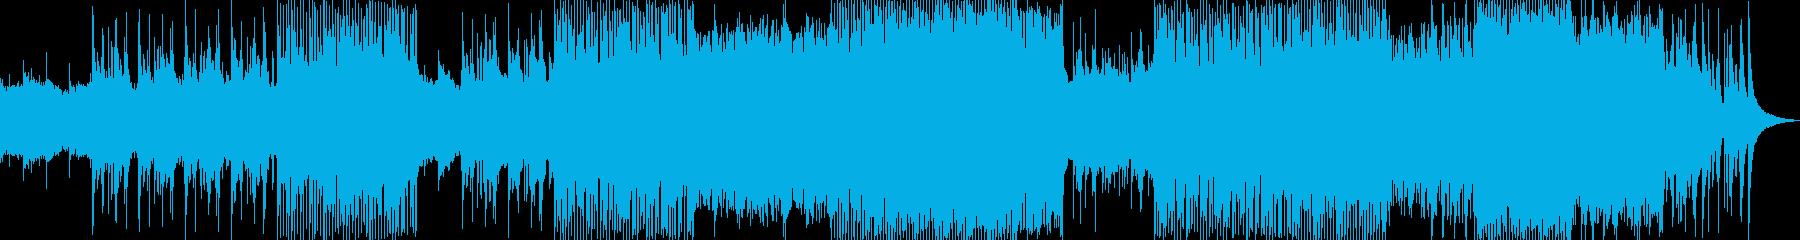 ピアノとシンセが美しい透明感のあるBGMの再生済みの波形